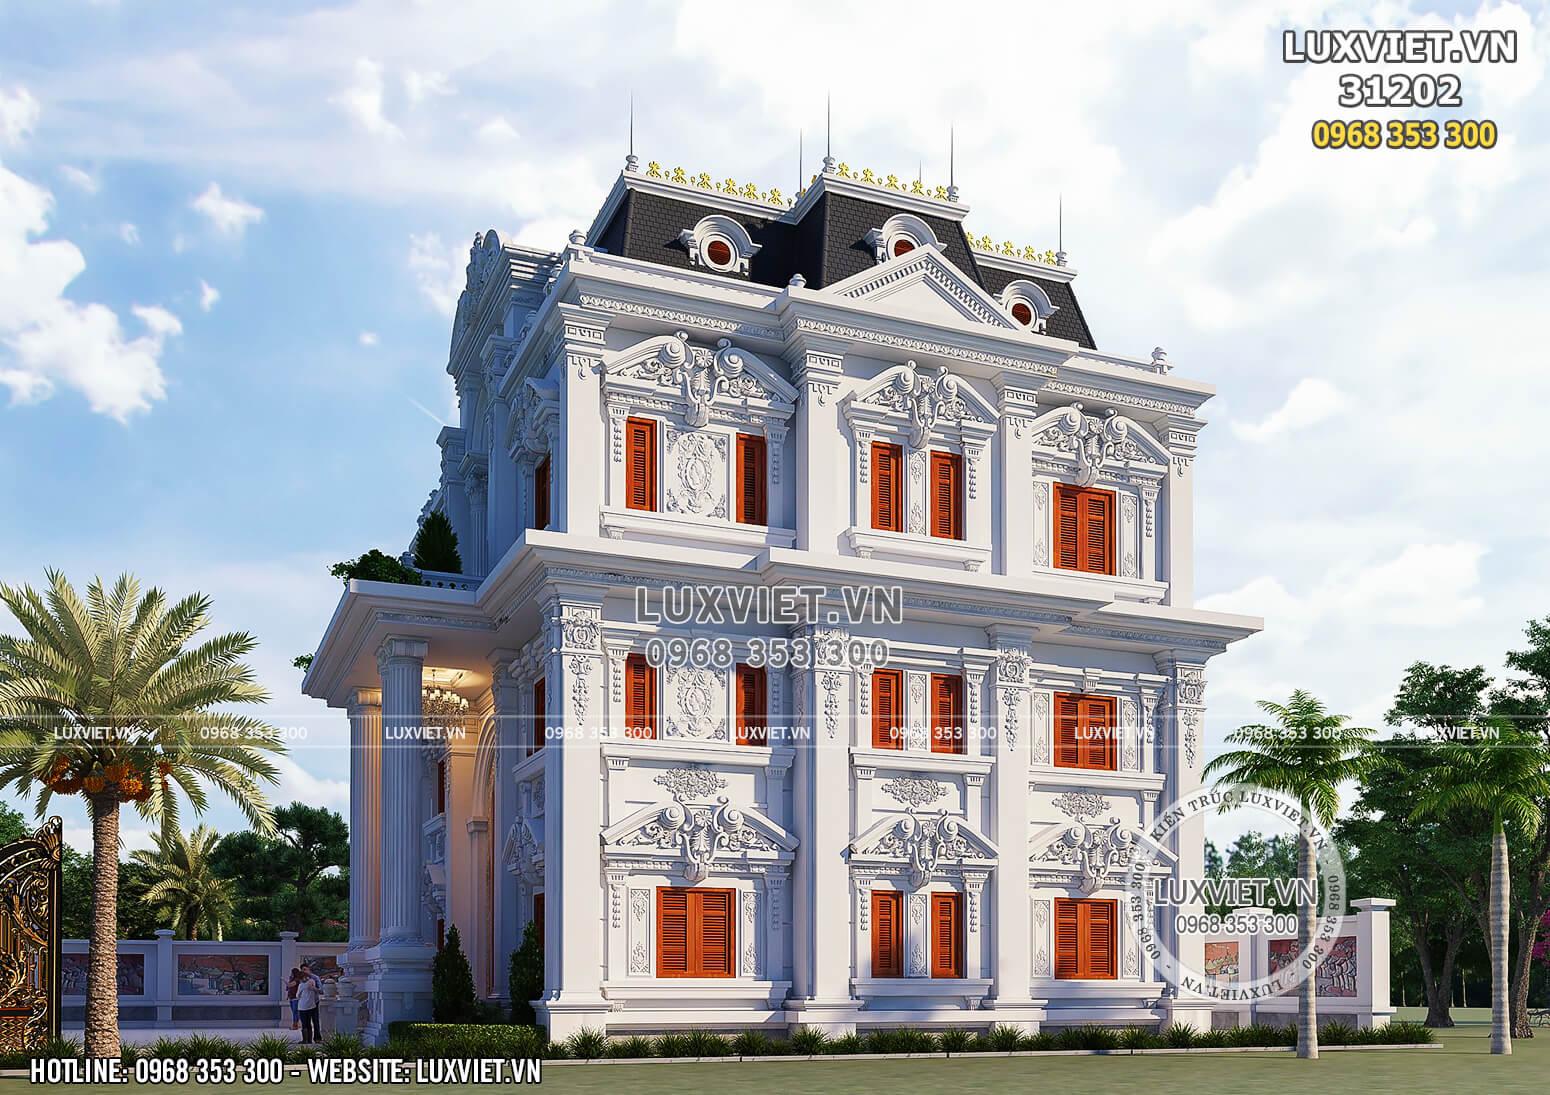 Hình ảnh: Mẫu biệt thự tân cổ điển đẹp - LV 31202